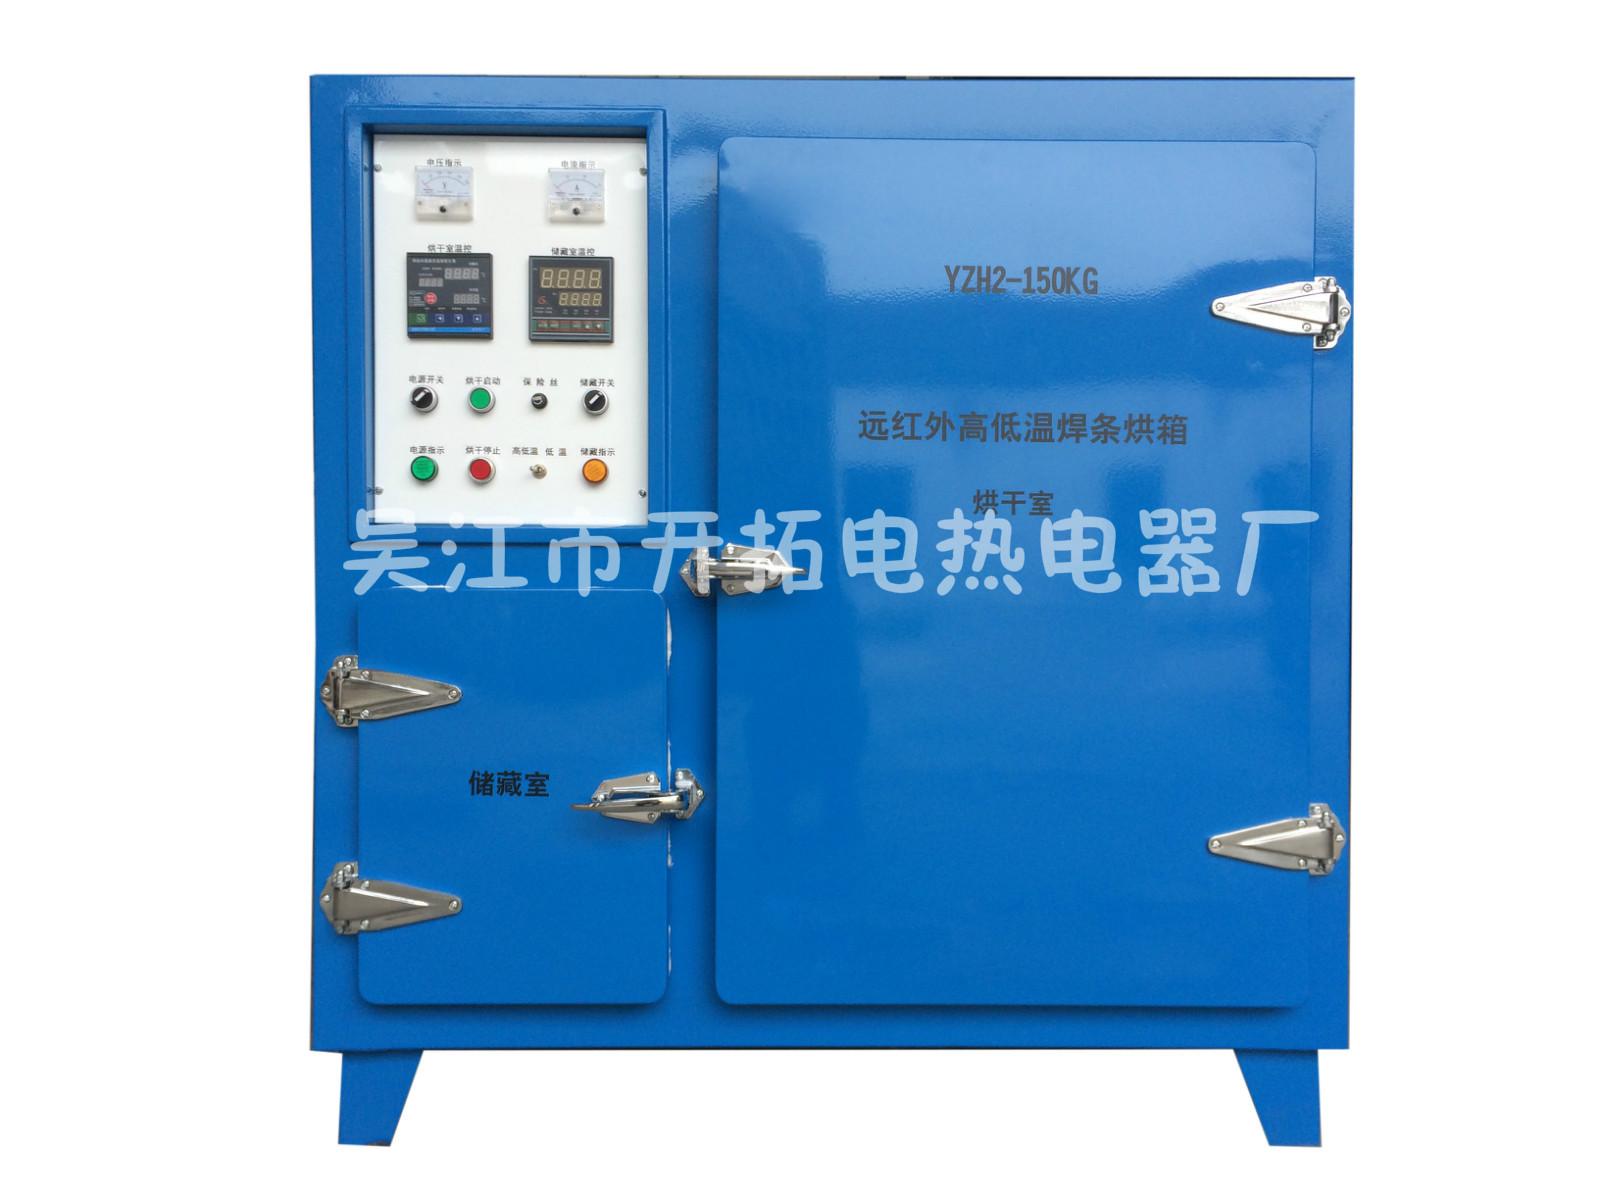 电焊条烘干箱厂家_焊条烘干箱_厂家ych-30kg电焊条烘箱 焊条烤箱 焊条 工业 - 阿里巴巴